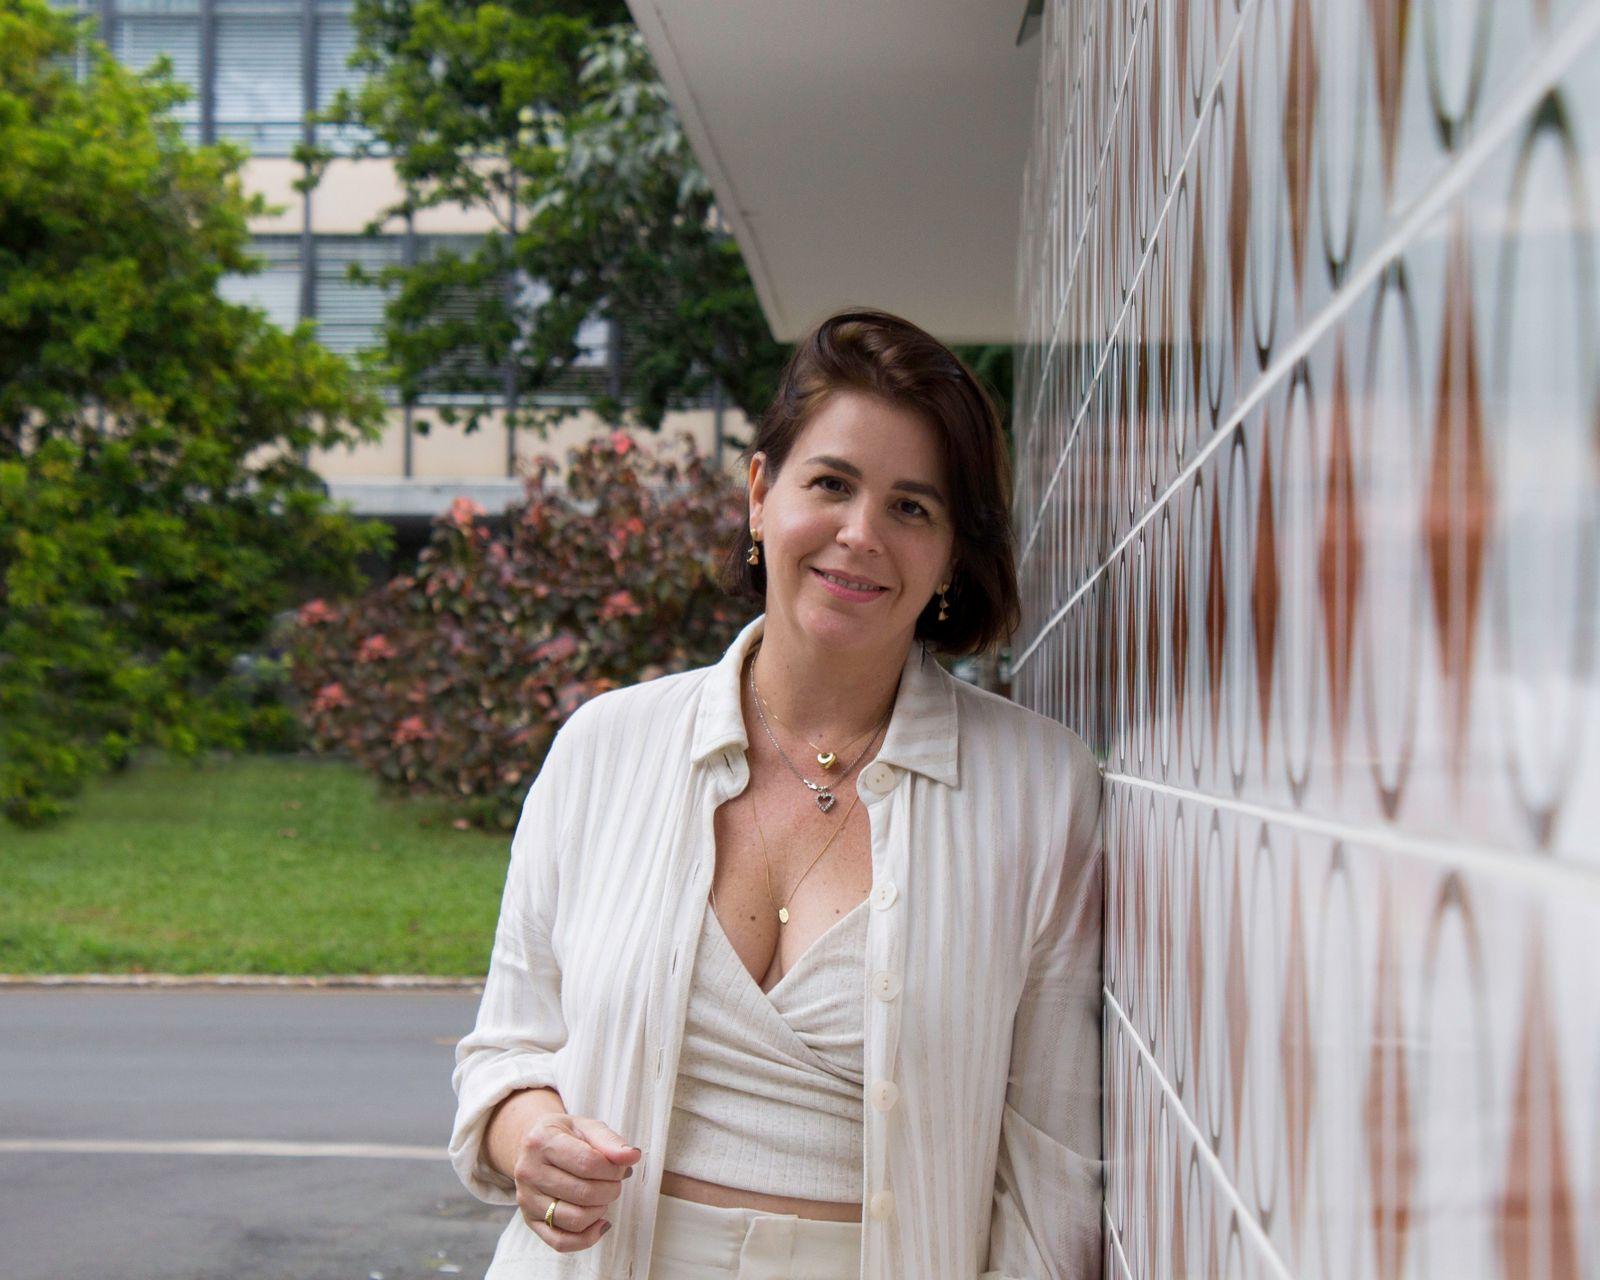 Arquiteta Ângela Cambraia faz parte do elenco da CasaCor Brasília2021